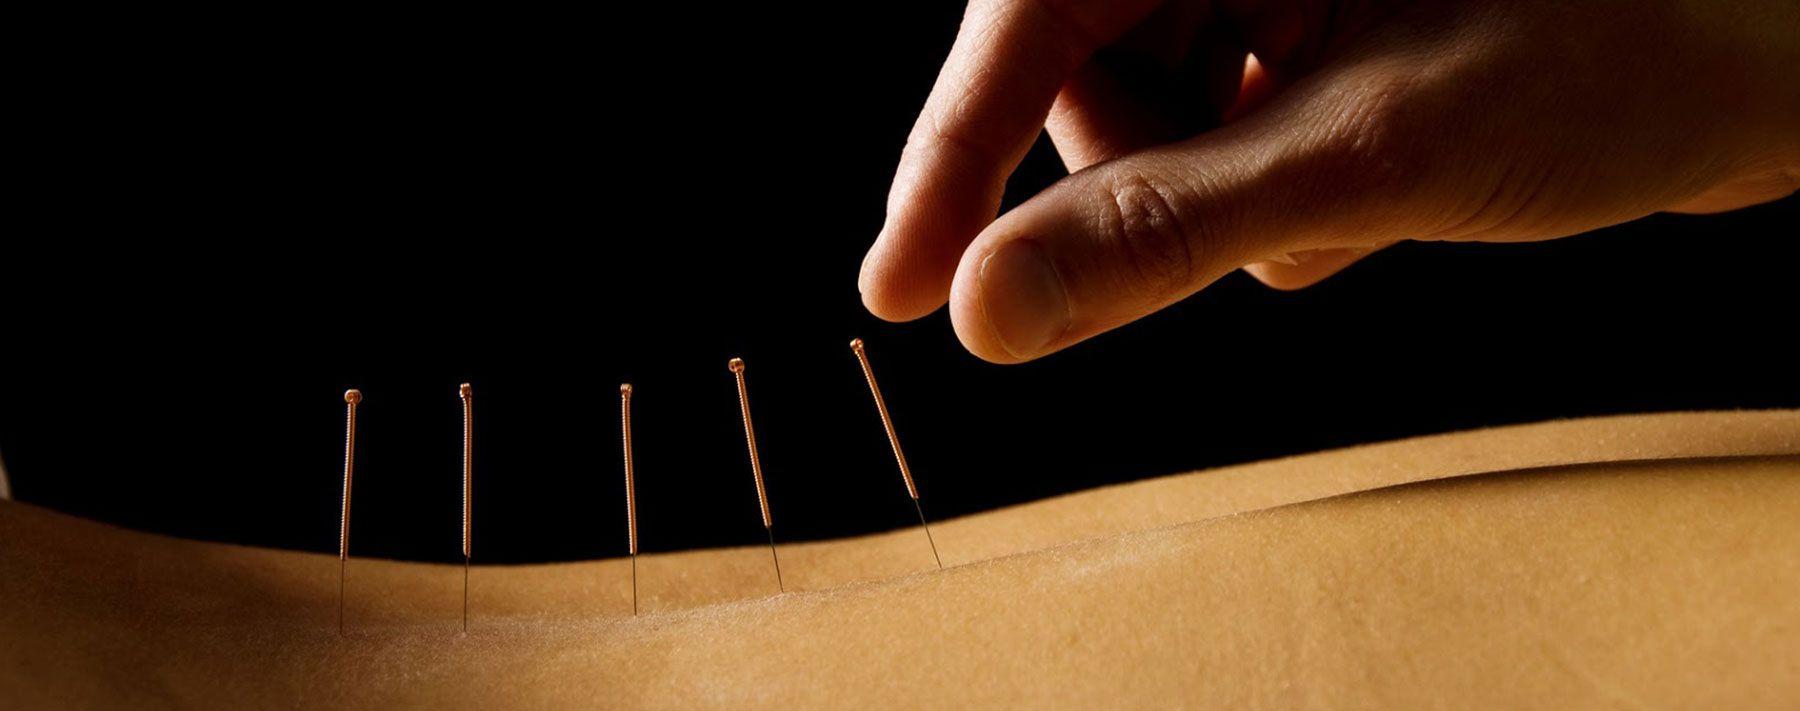 Tratamiento acupuntura Eixample Barcelona